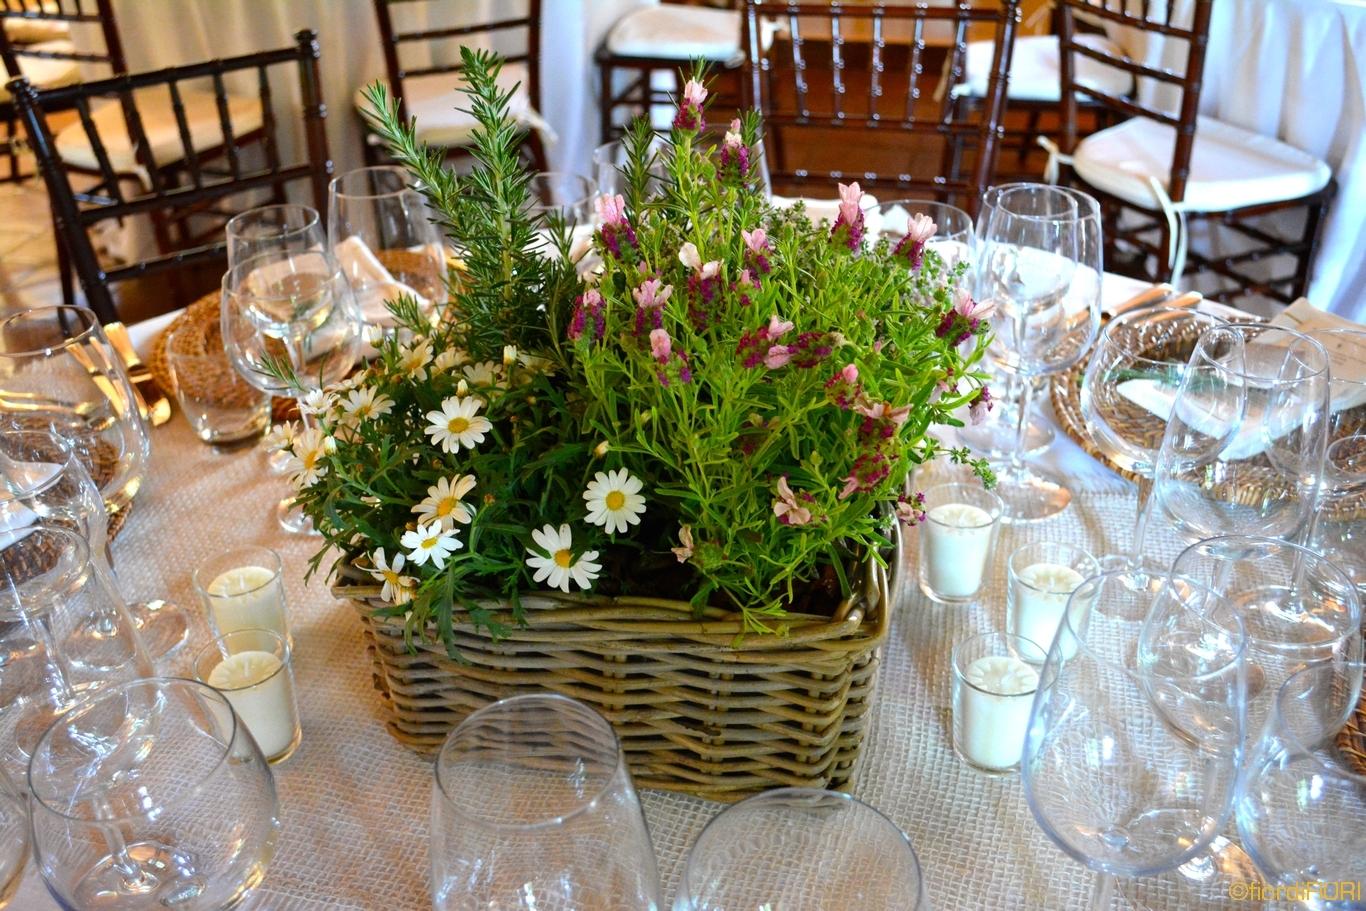 Composizioni floreali con piante aromatiche per pranzo aziendale presso le tenute Ugolini